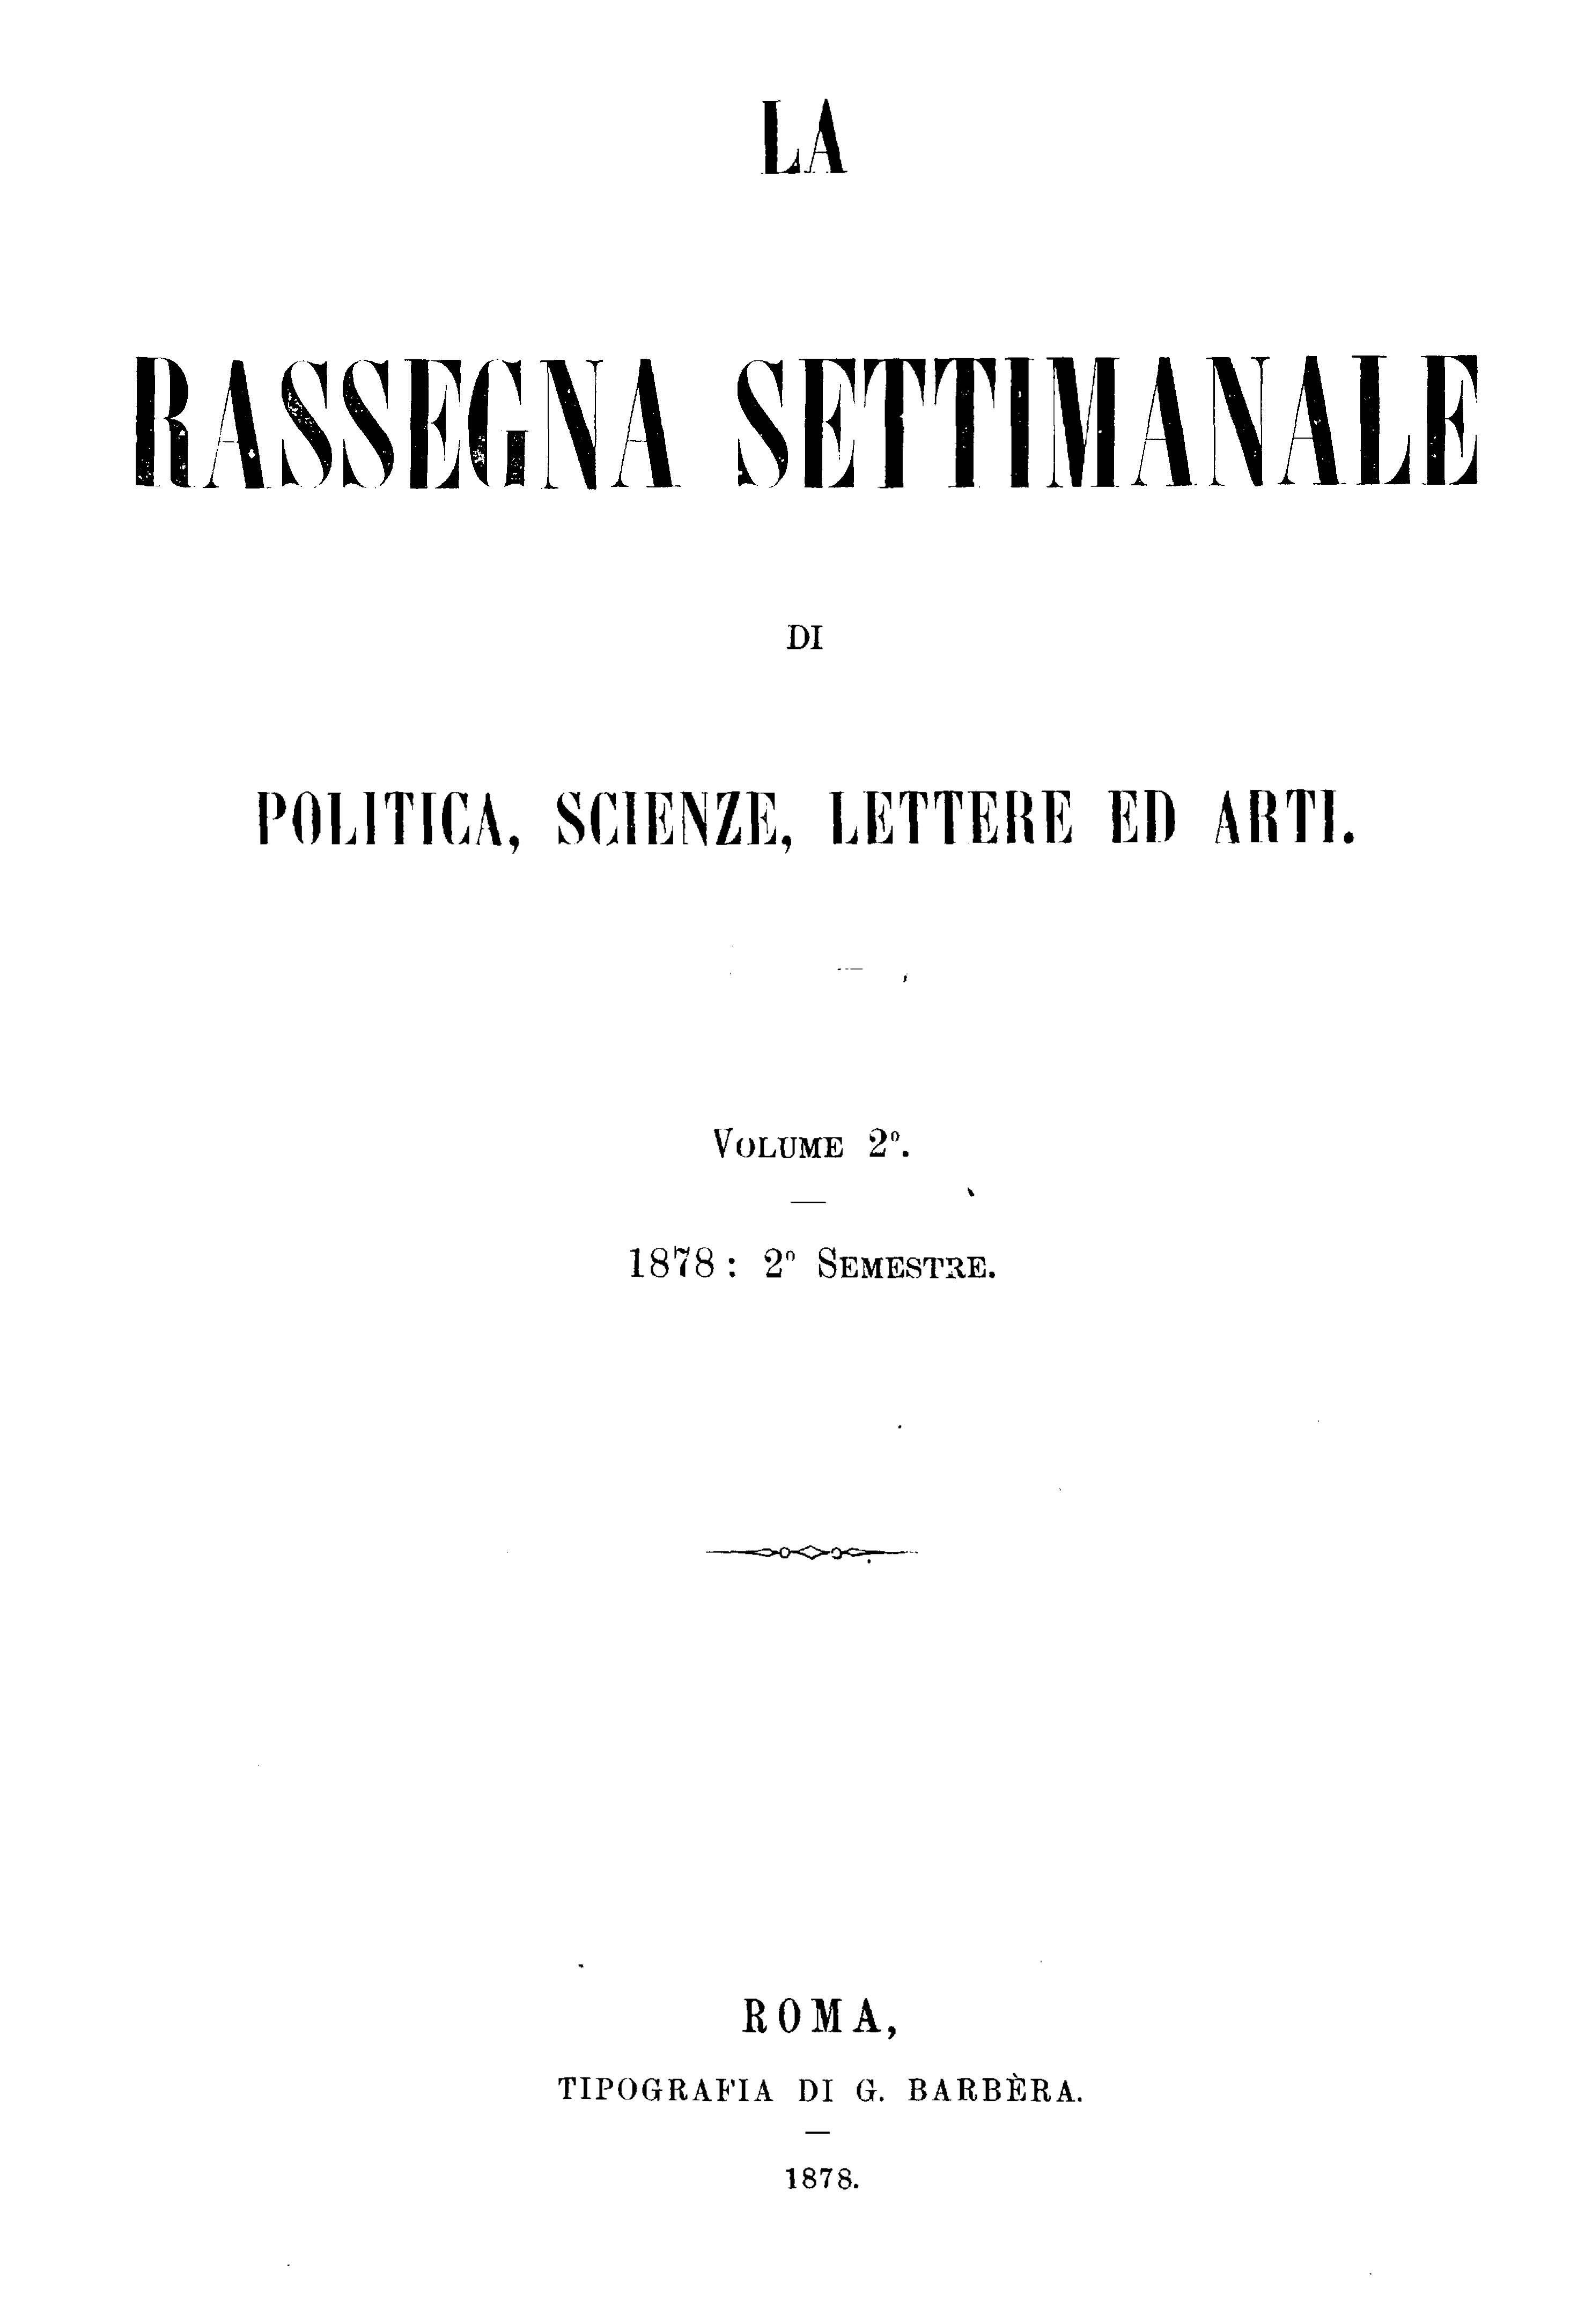 Fascicolo 36 - Volume 2 - 1878 - Semestre 2 - Trimestre 2